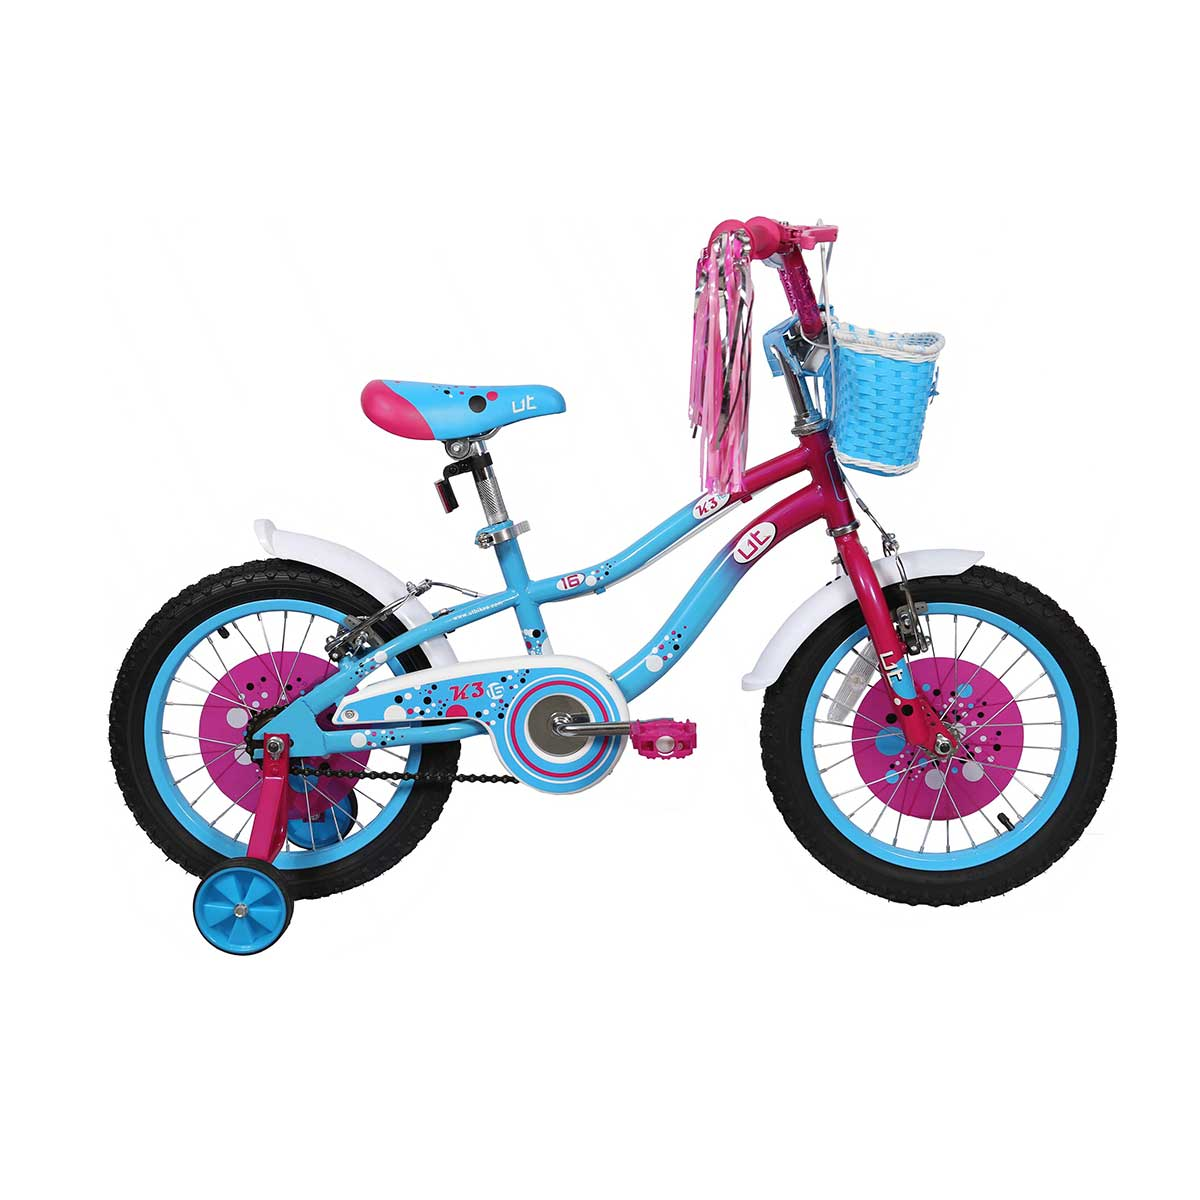 Buy Ut K3 Girls Bike Online India Ut Bikes